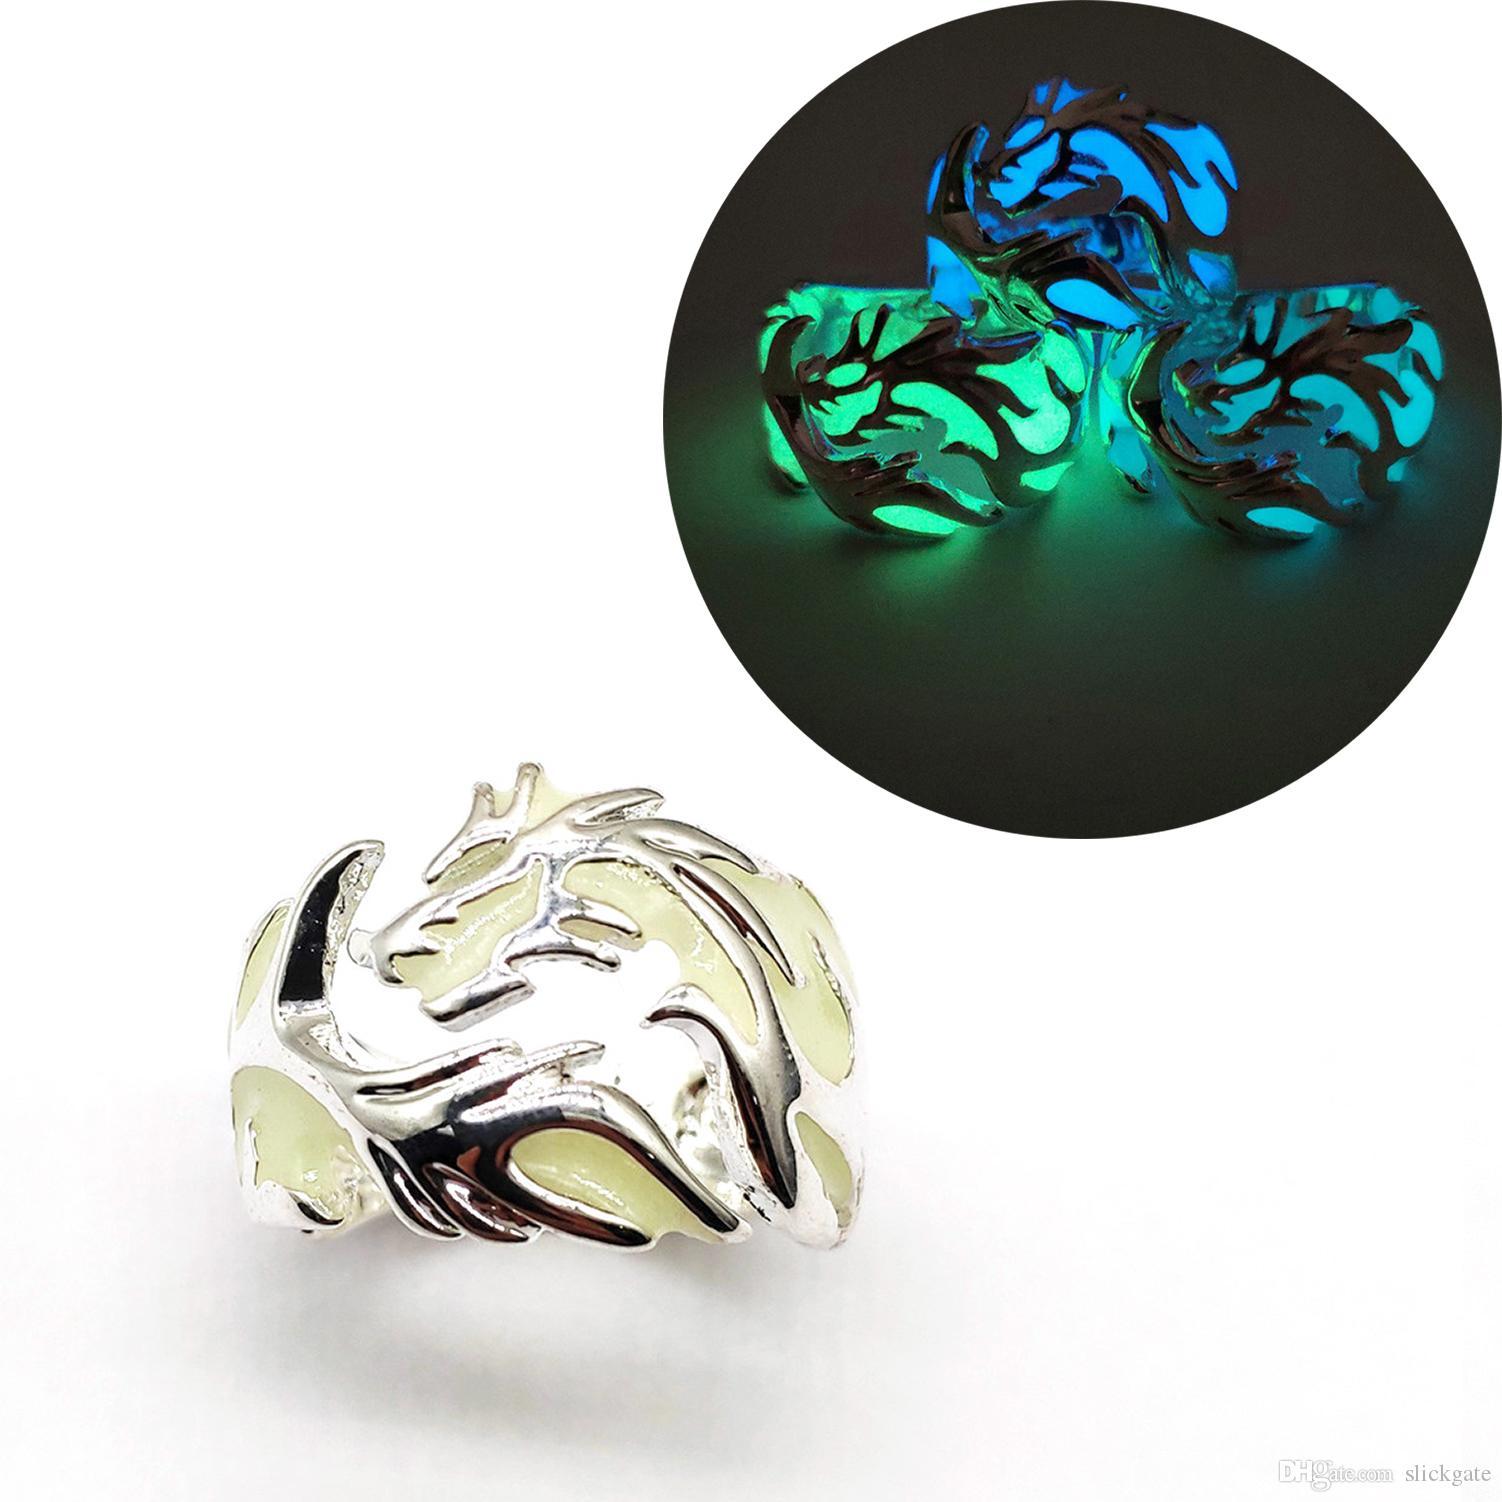 Gratuit DHL Punk Style Charme Lumineux Dragon Anneaux Brillant Dans La Lune Noire Anneau Hommes Femmes Halloween Bijoux Cadeau D'anniversaire 6 Styles M307F